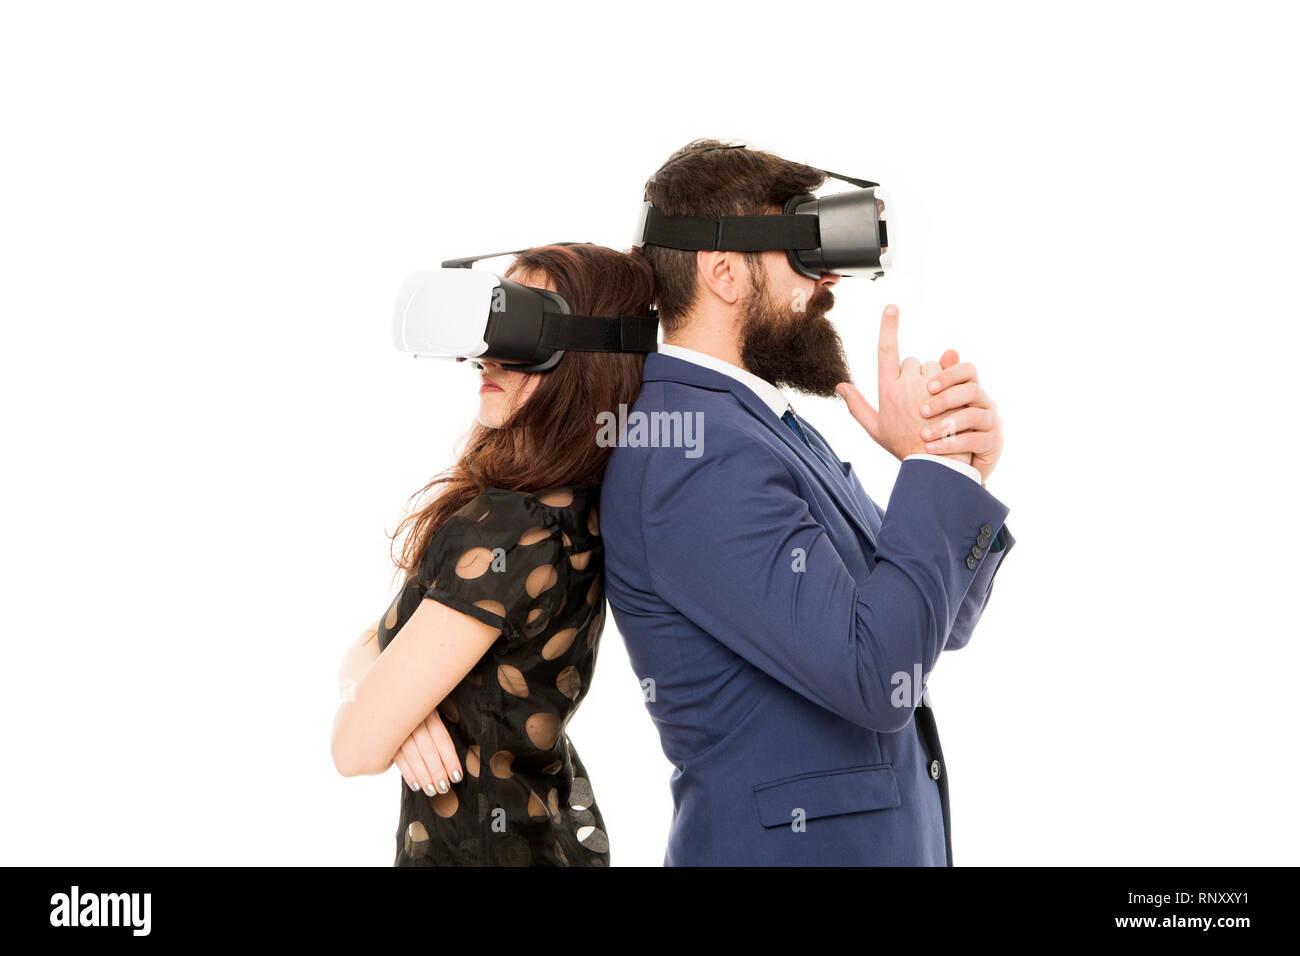 La mise en œuvre d'une technologie moderne. Deux collègues porter hmd explorer la réalité virtuelle. Partenaires d'affaires d'interagir dans la réalité virtuelle. Nouvelle opportunité. Les logiciels modernes pour les entreprises. Imaginez juste. Photo Stock